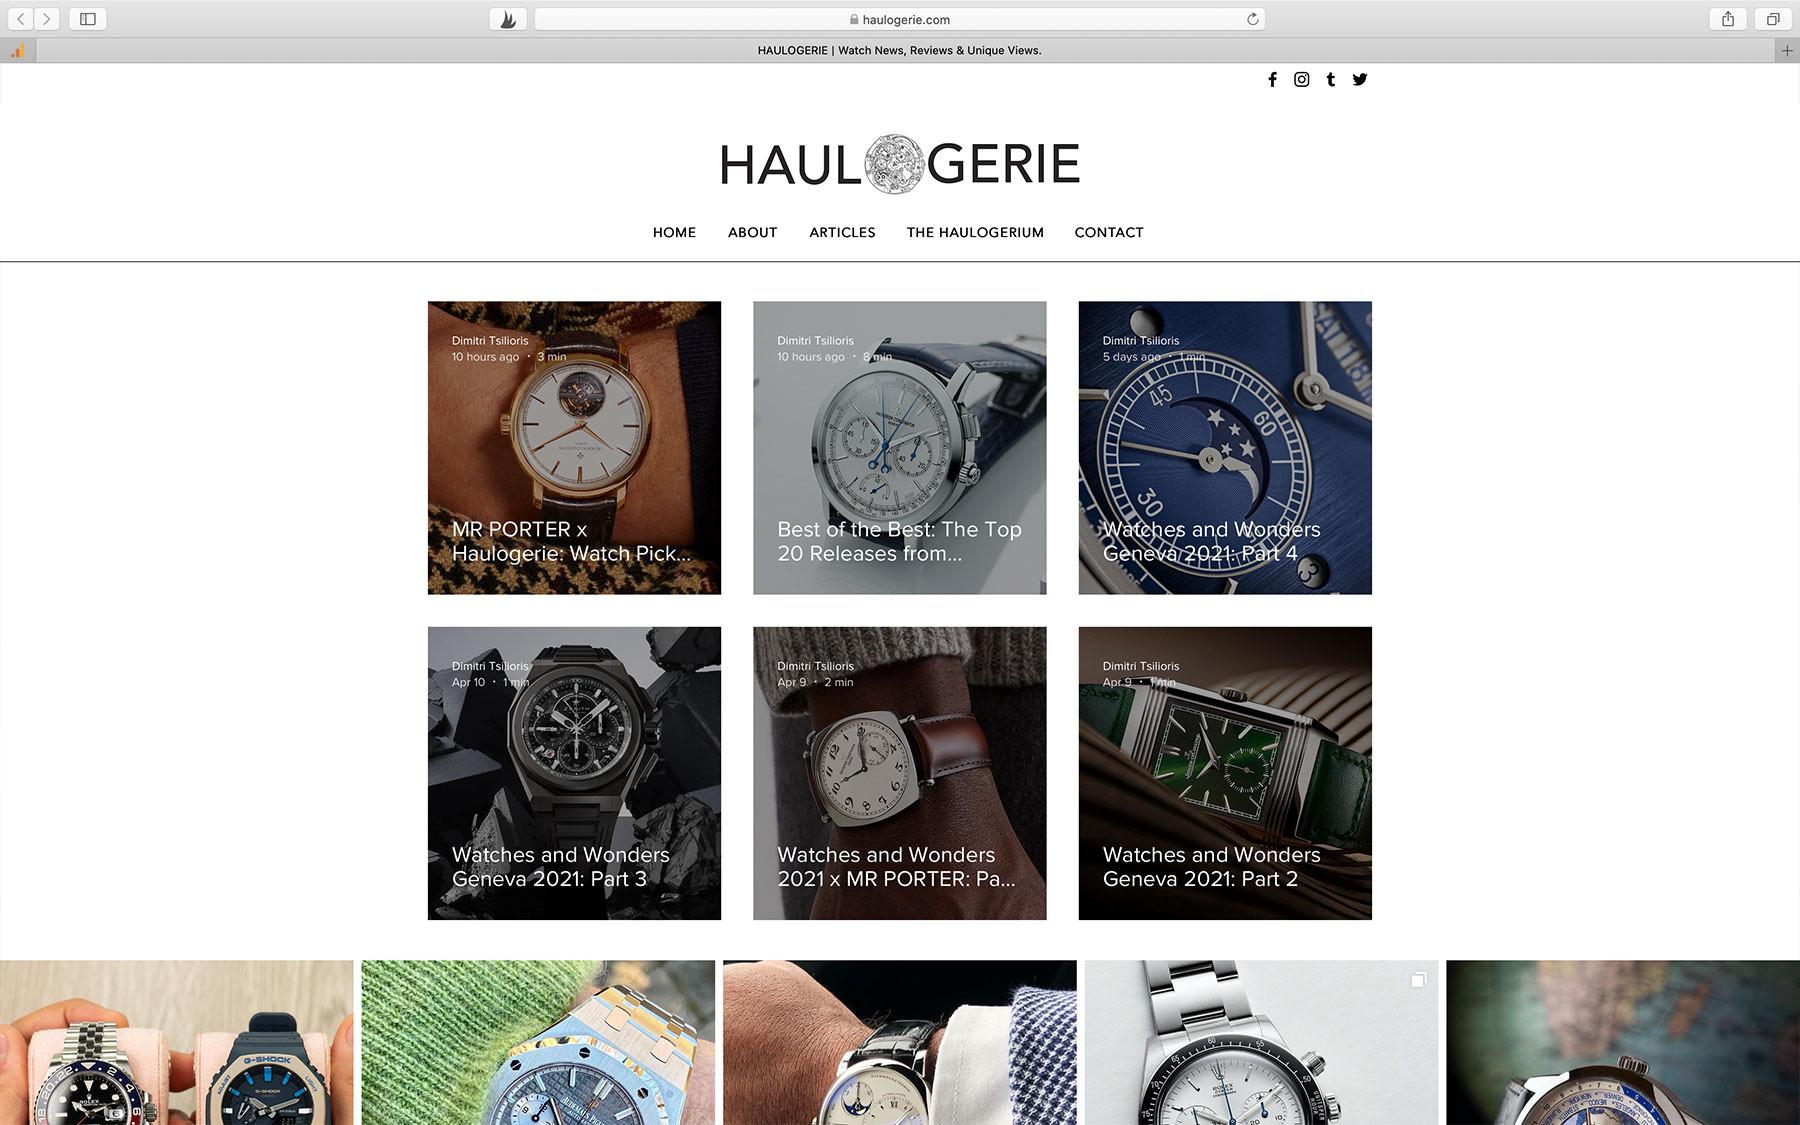 Watch Magazine Haulogerie